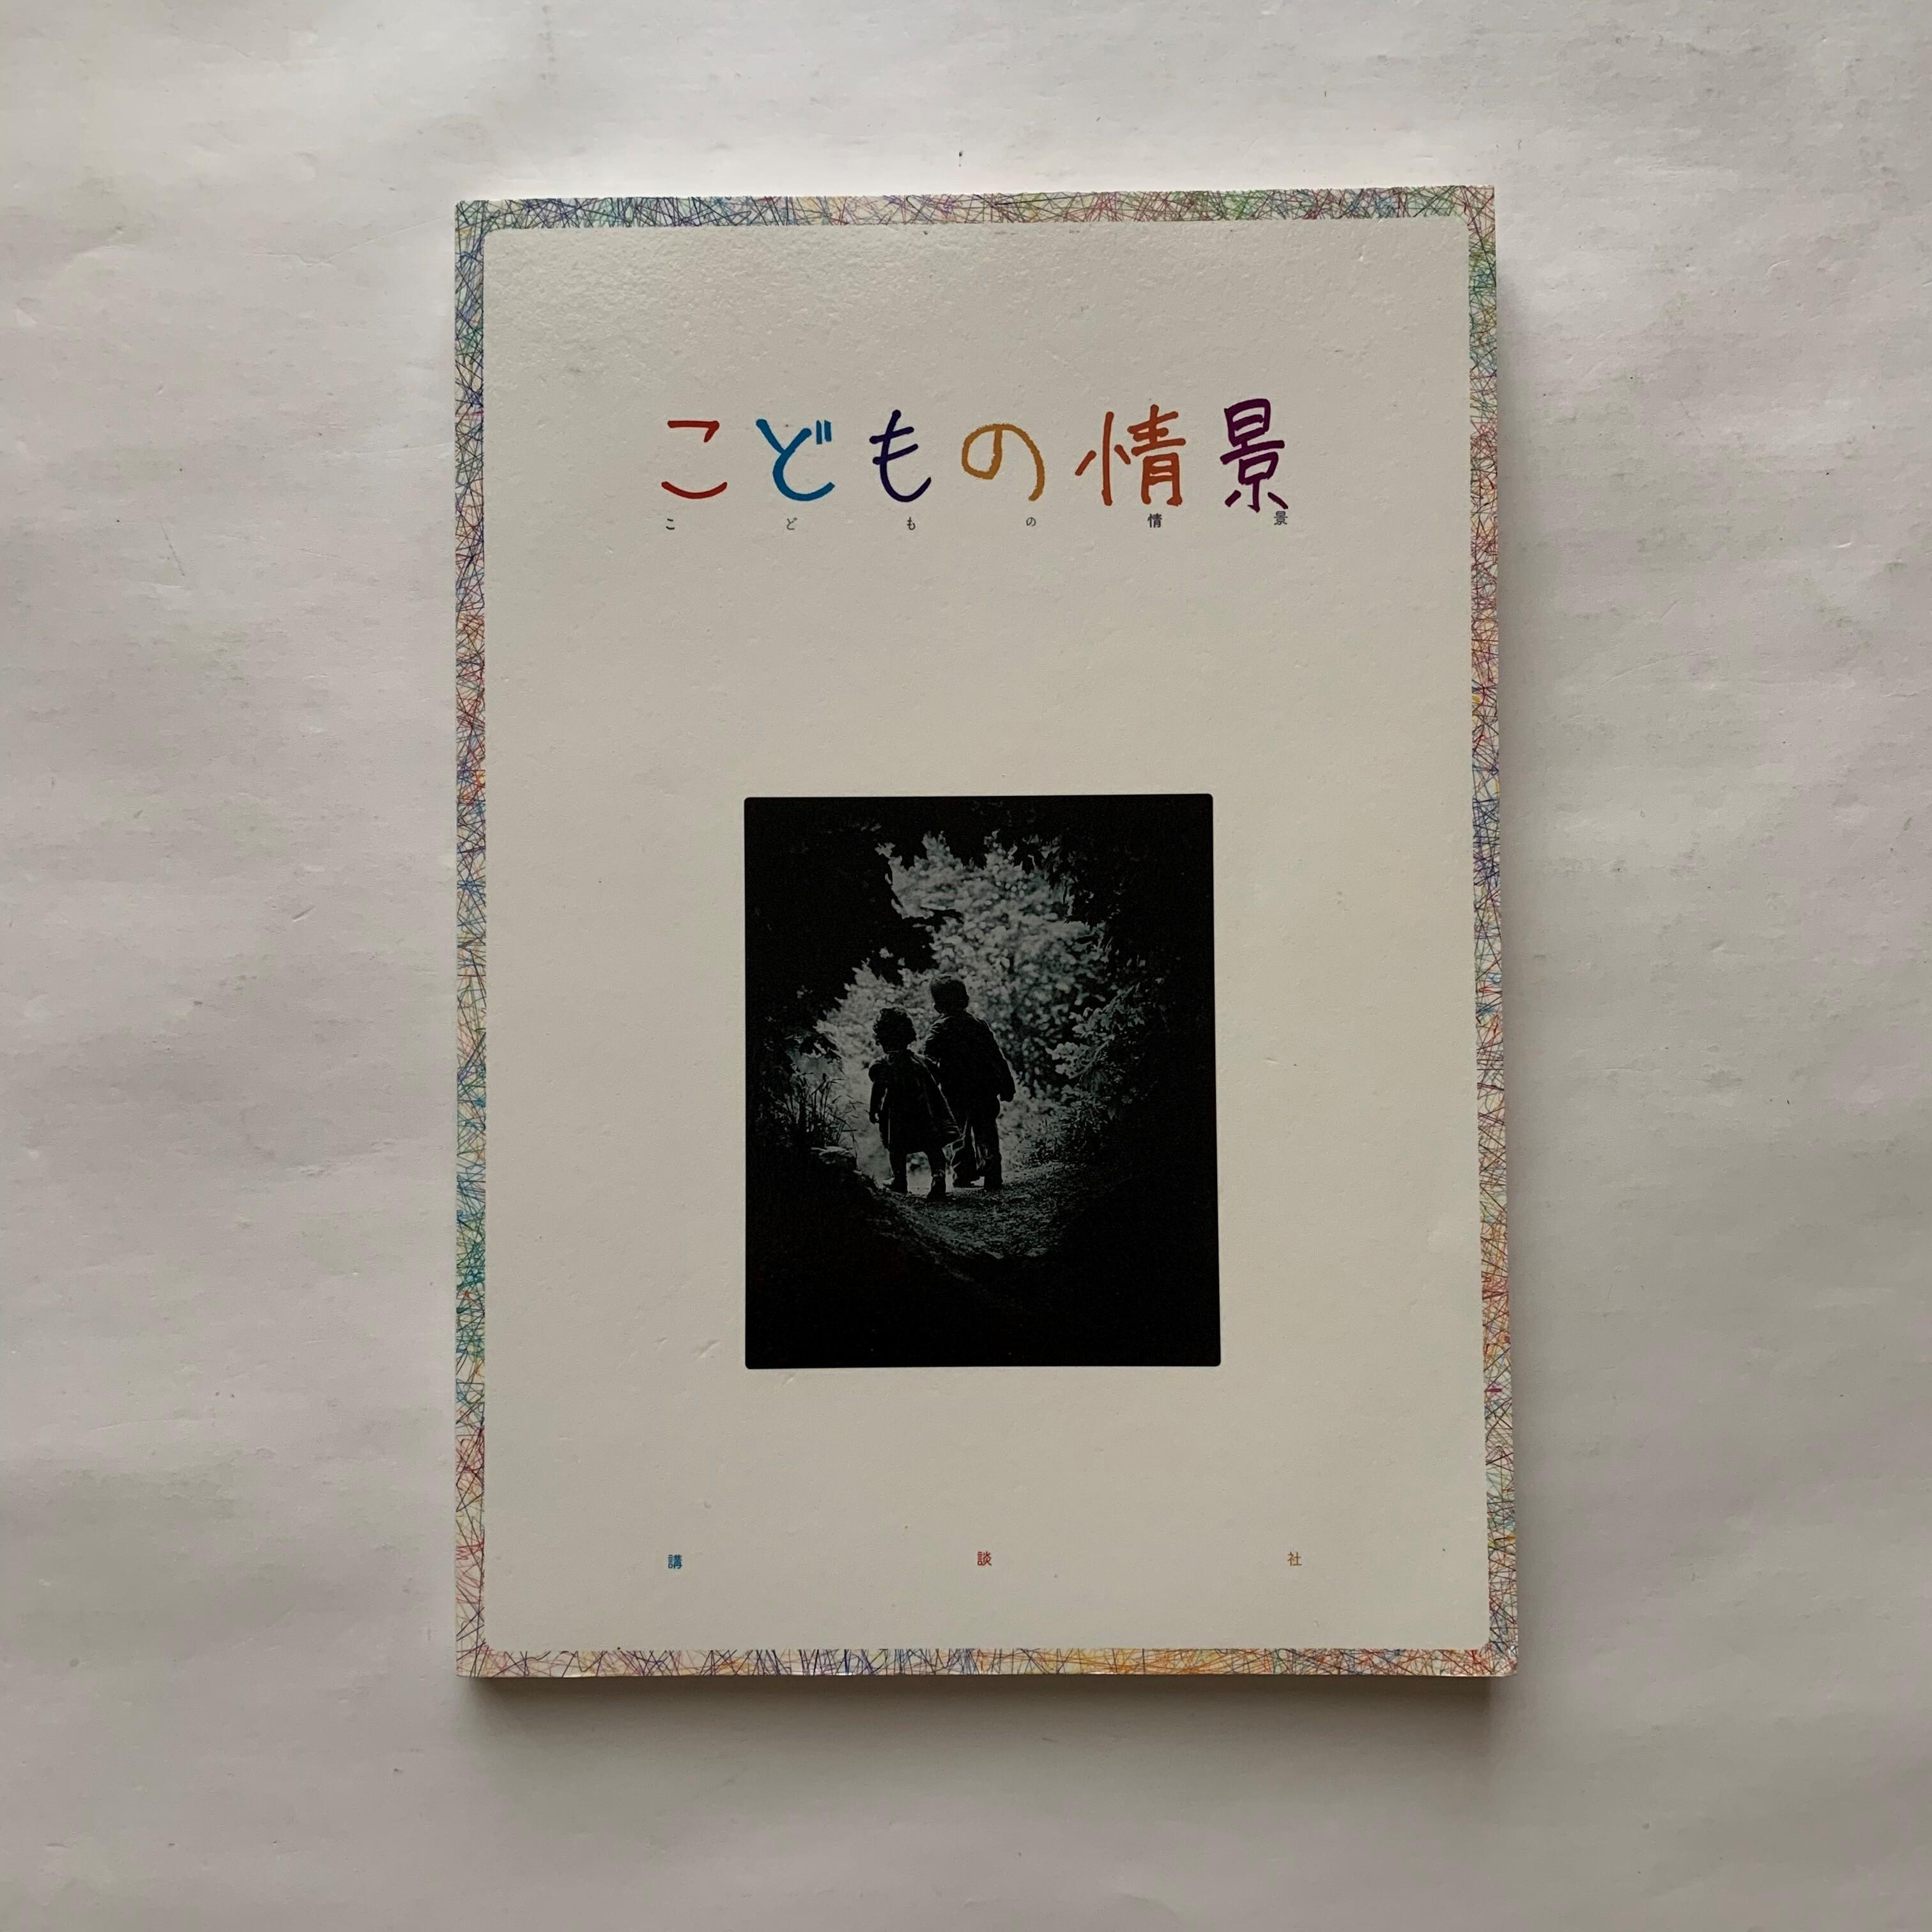 こどもの情景 / 東京都写真美術館 編